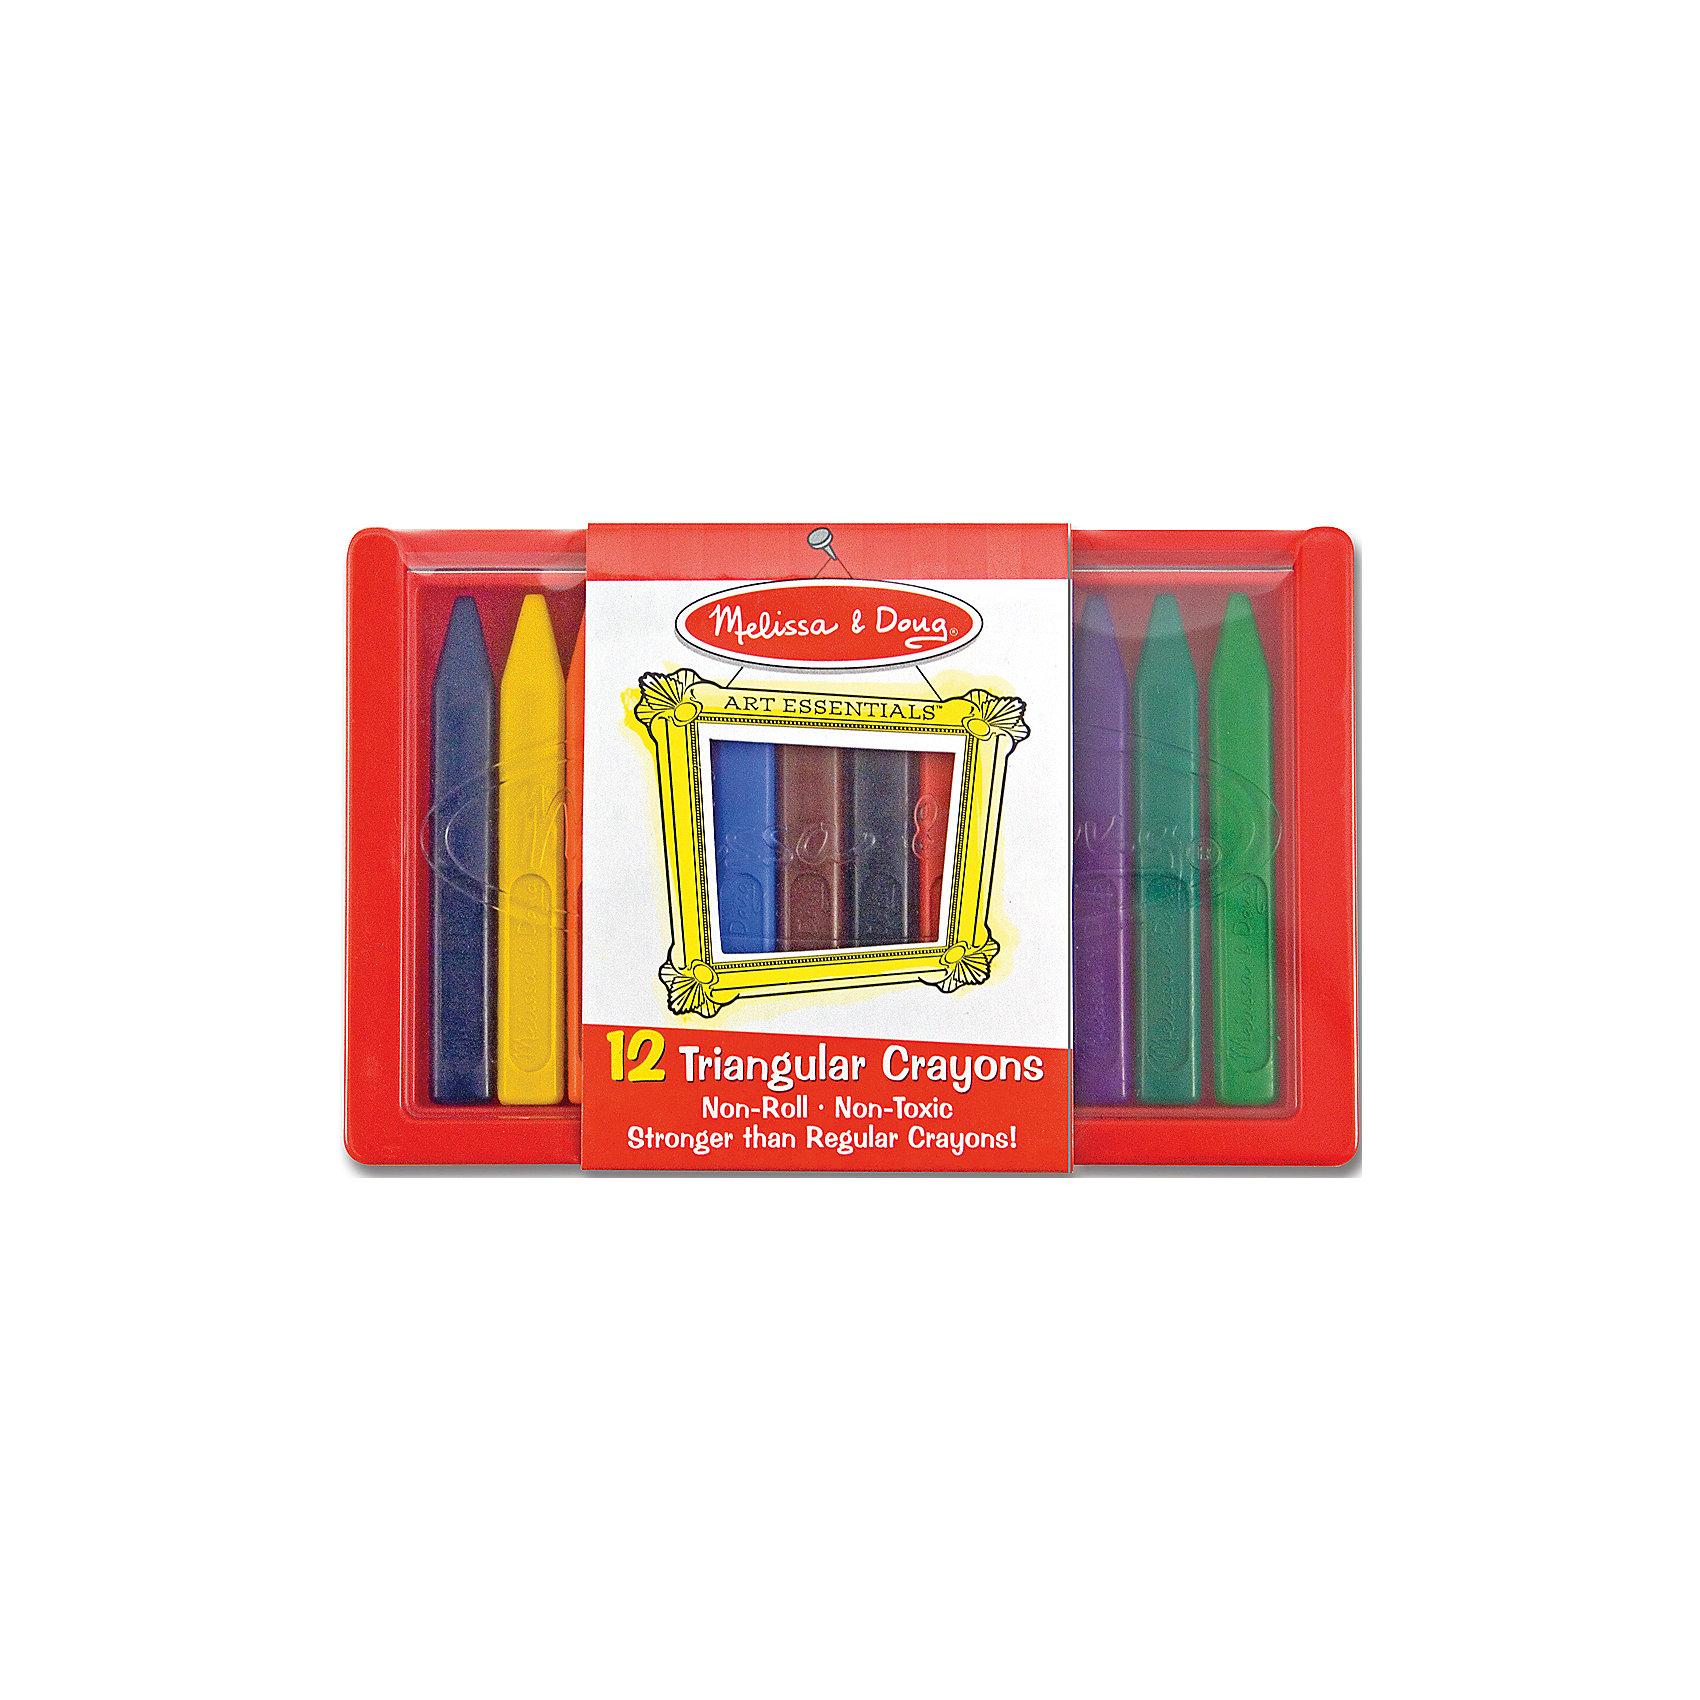 Набор восковых мелков 12 шт.Рисование<br>Цветные мелки – классический предмет для рисования на школьной доске или на асфальте во время перемены. Творчество – важная часть школьной и будничной жизни детей. Важно вносить разнообразие в рядовые процессы рисования. Например, познакомить ребенка с интересными техниками рисования или купить ему новые предметы для творчества. Отличный вариант – восковые мелки.Они имеют трехгранный корпус, что выглядит довольно необычно. Такая форма помогает мелкам не раскатываться по поверхности. Все материалы, использованные при изготовлении, отвечают международным требованиям по качеству и безопасности.<br><br>Дополнительная информация: <br><br>количество цветов: 12;<br>упаковка: кейс;<br>размер: 16 х 10 х 2 см.<br><br>Набор восковых мелков 12 шт. можно приобрести в нашем магазине.<br><br>Ширина мм: 160<br>Глубина мм: 20<br>Высота мм: 100<br>Вес г: 136<br>Возраст от месяцев: 36<br>Возраст до месяцев: 144<br>Пол: Унисекс<br>Возраст: Детский<br>SKU: 4993646